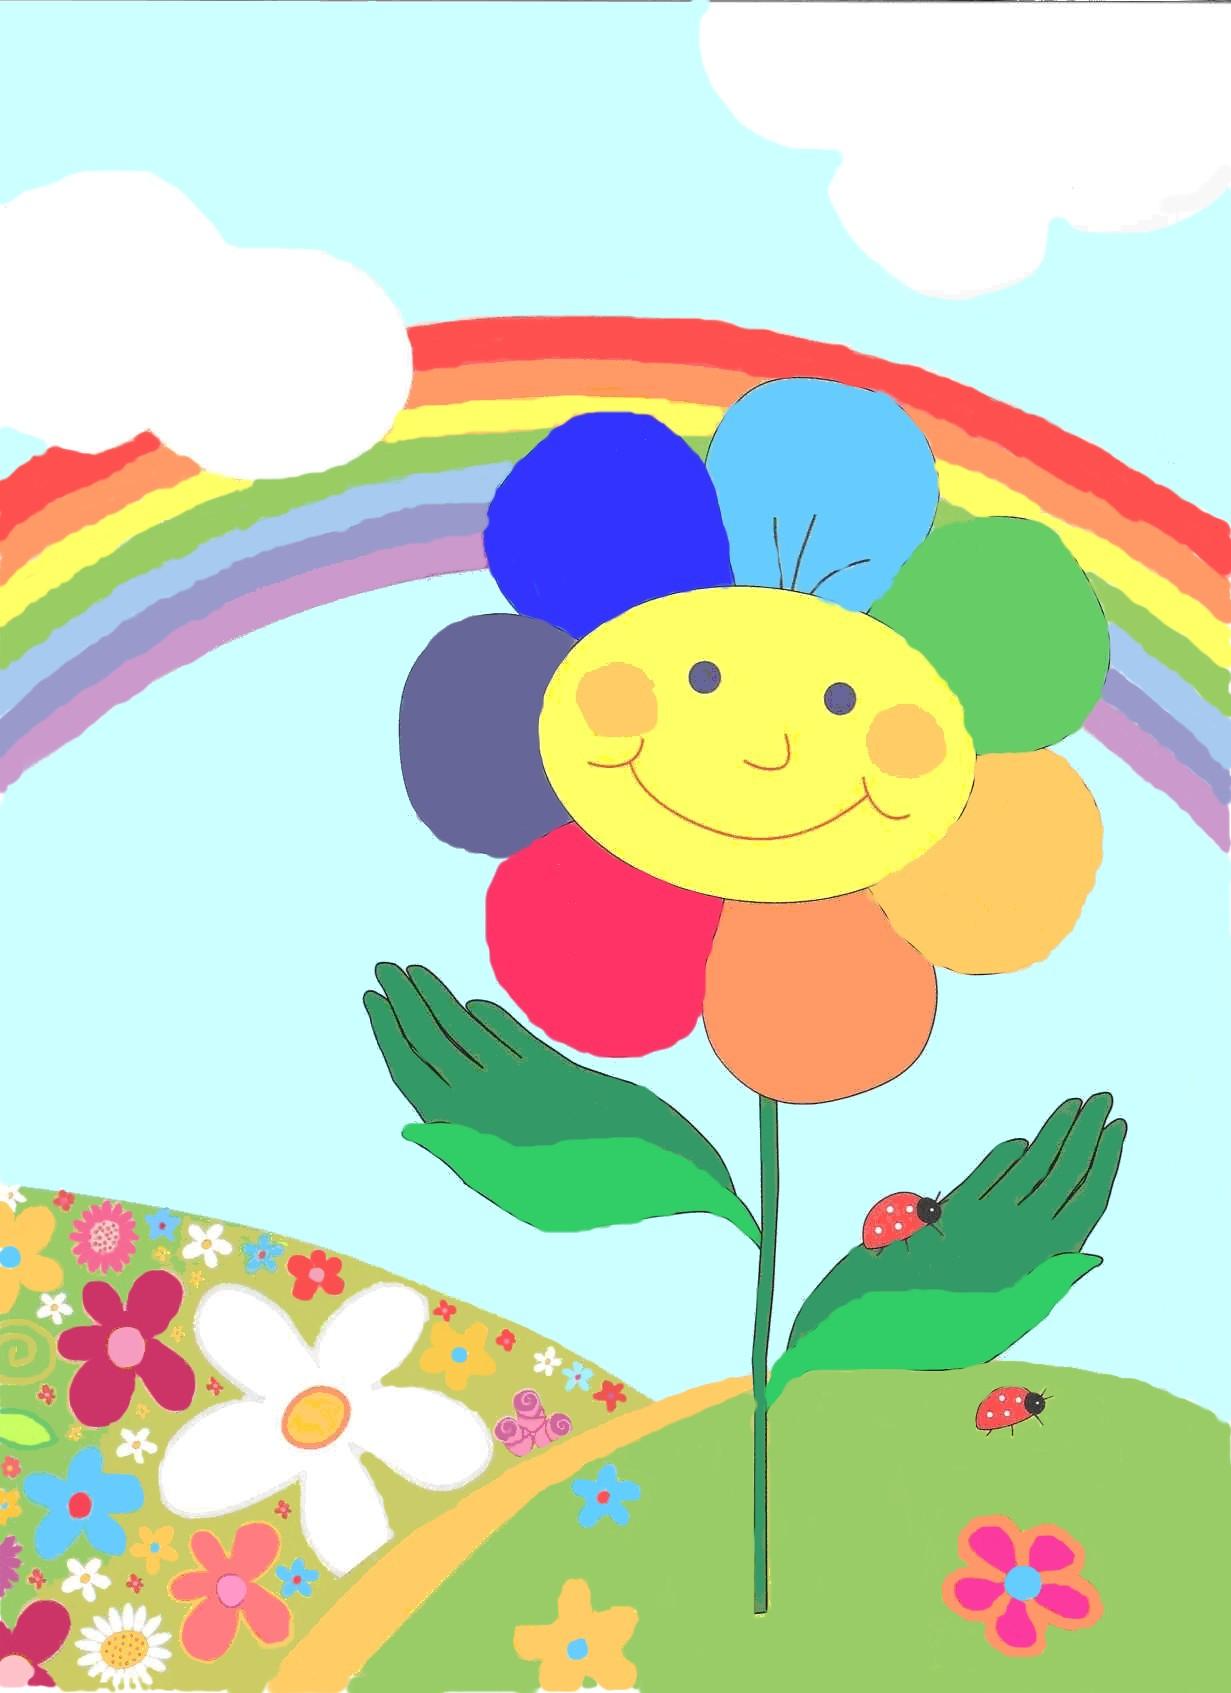 картинка разноцветное лето с детьми